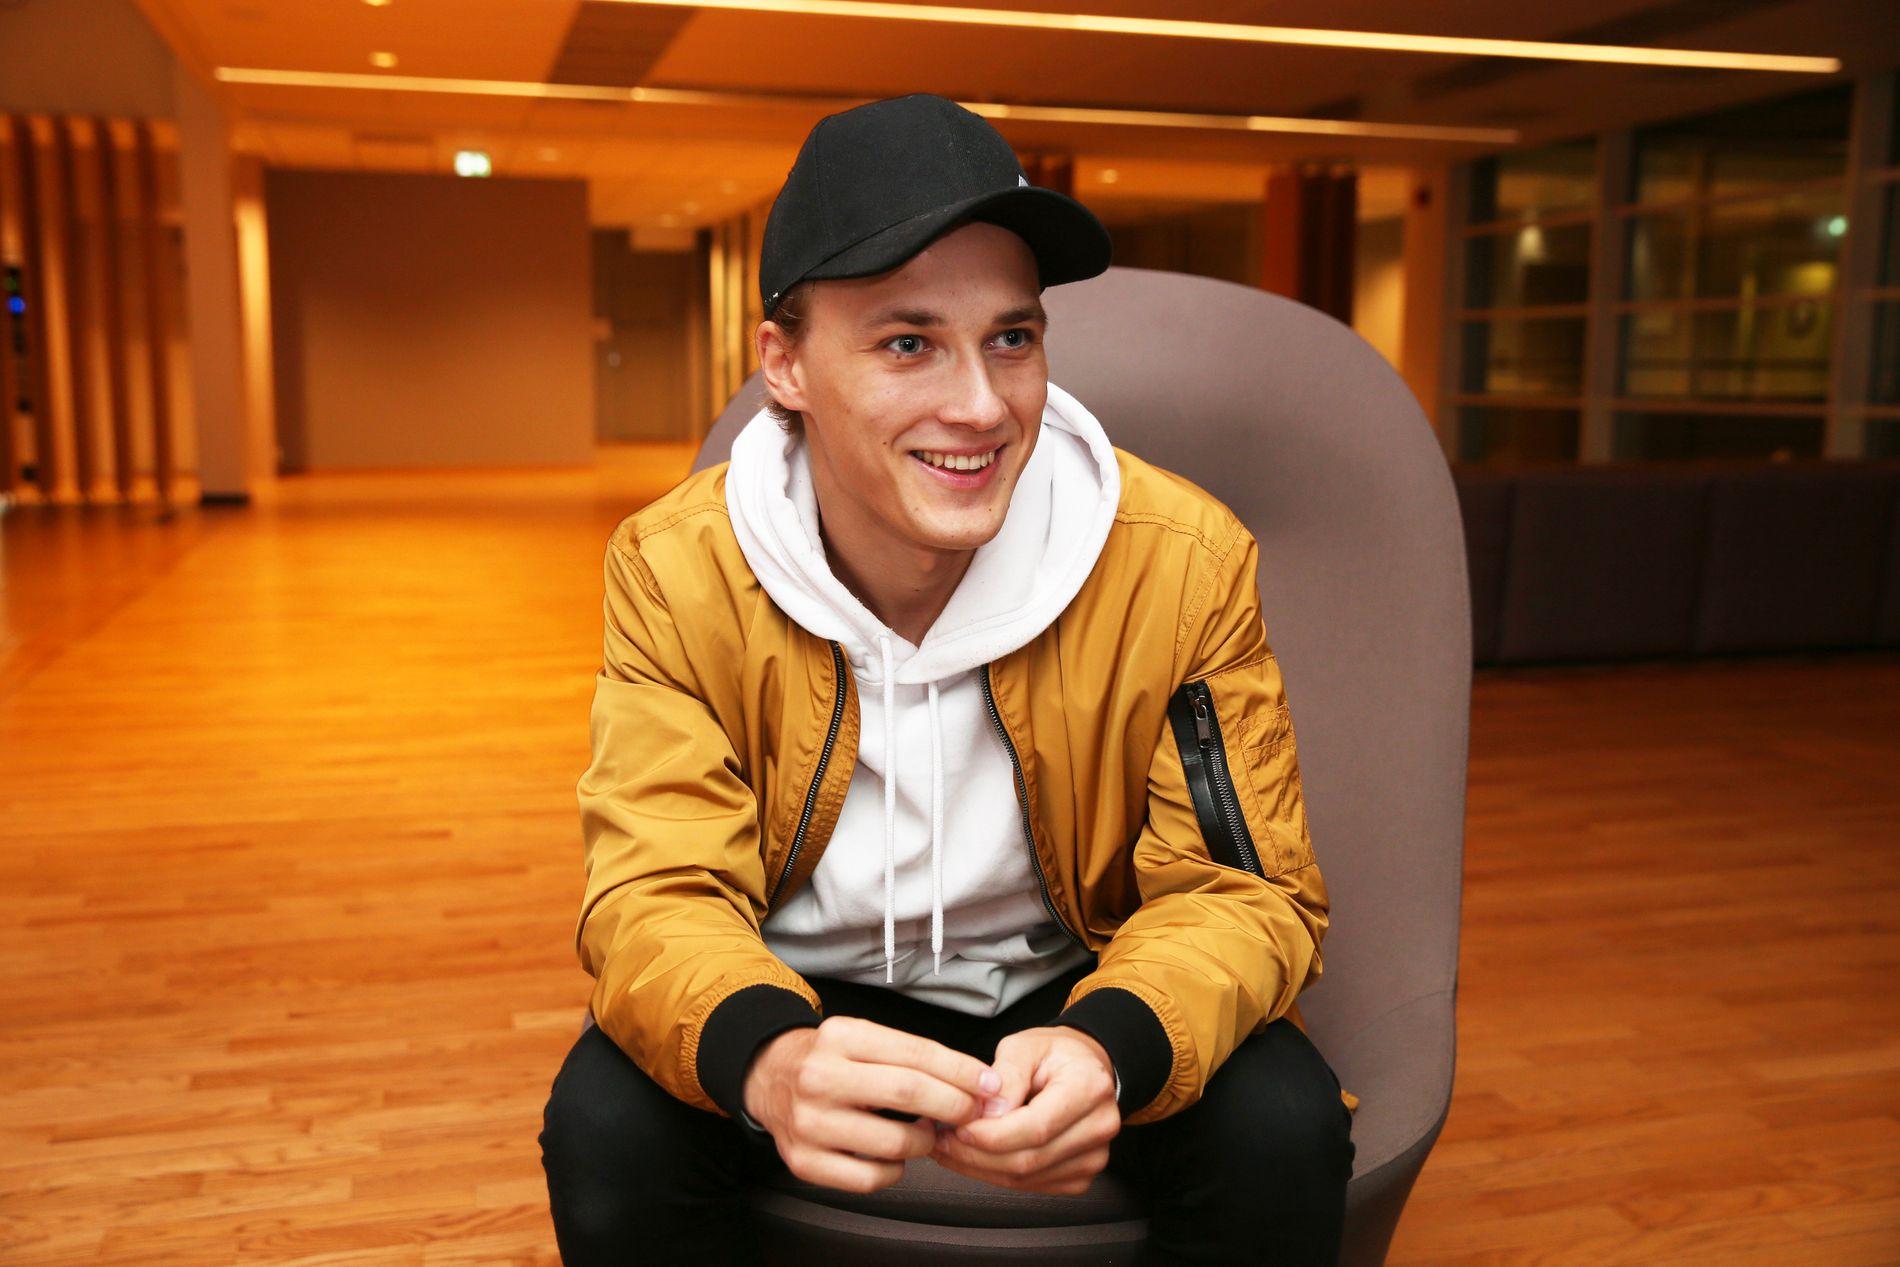 EGET SELSKAP: Andreas Hem (23) har produksjonsselskapet «Twins Productions» sammen med tvillingbroren sin.